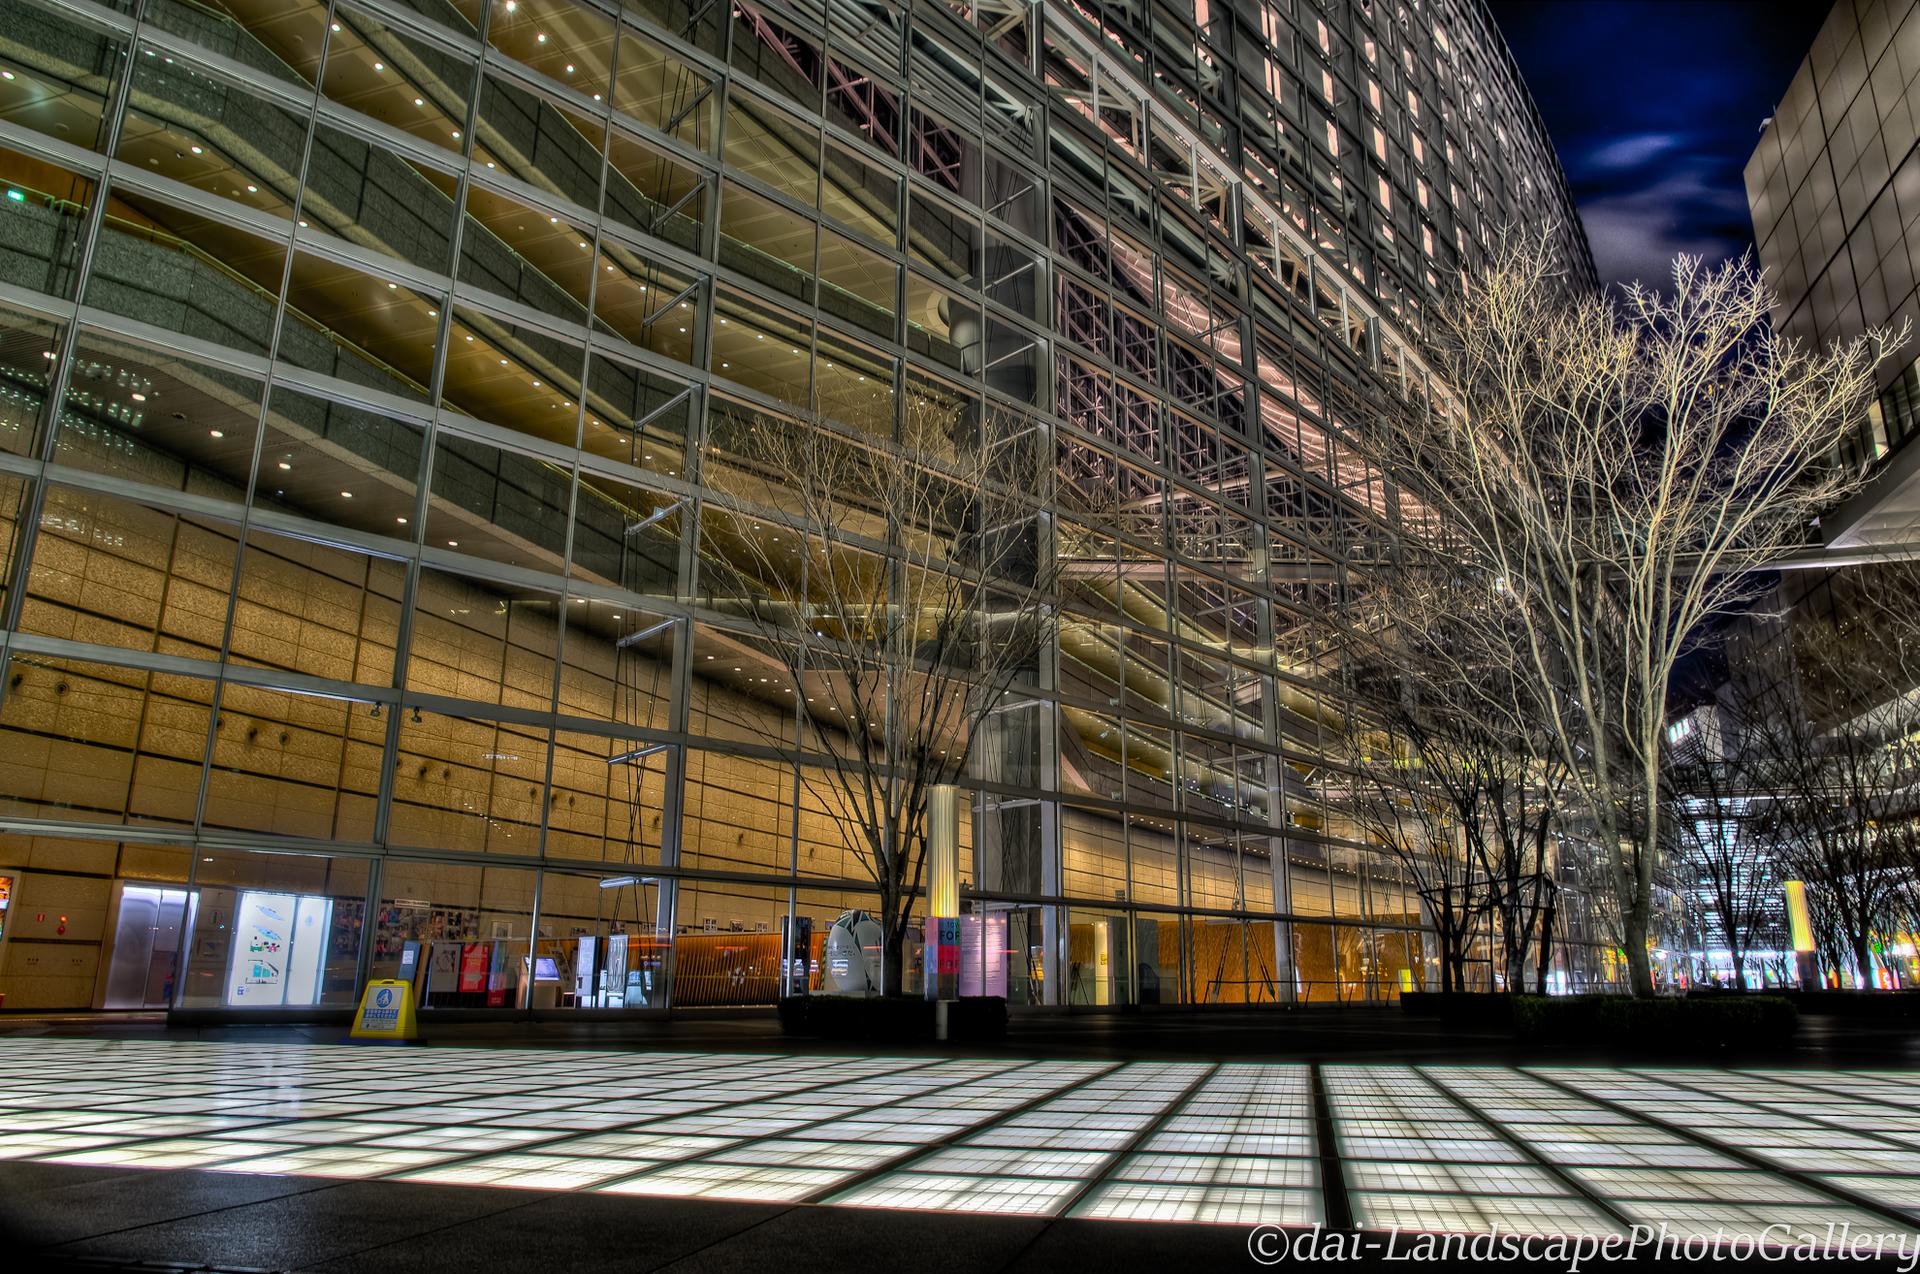 東京国際フォーラム夜景【HDRi】